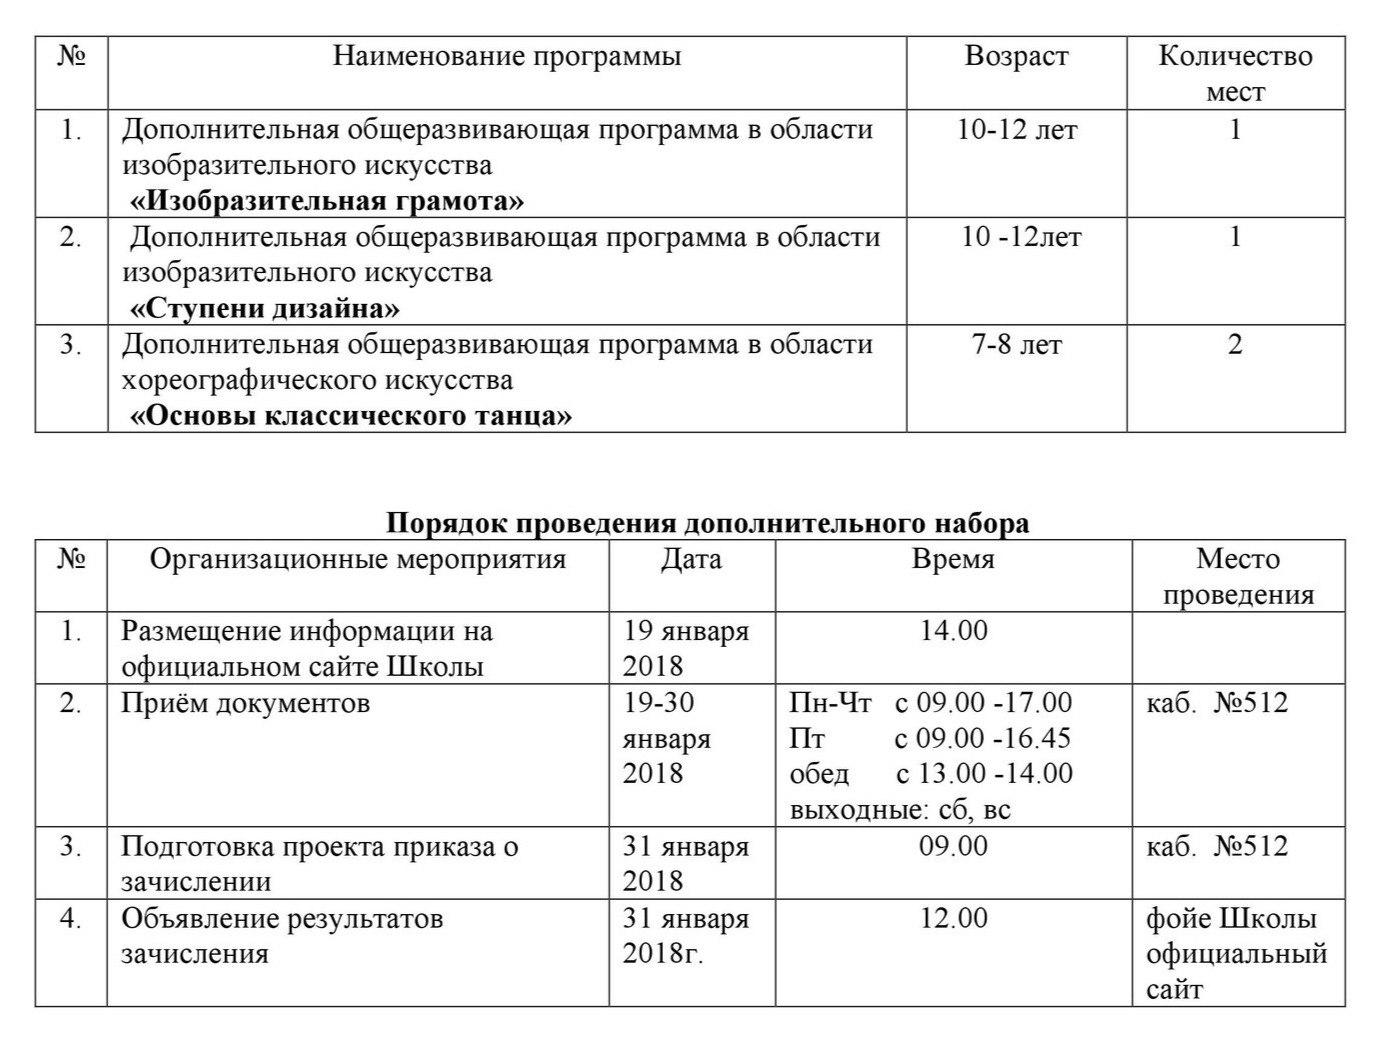 МАУДО Школа искусств  дополнительный набор январь 2018